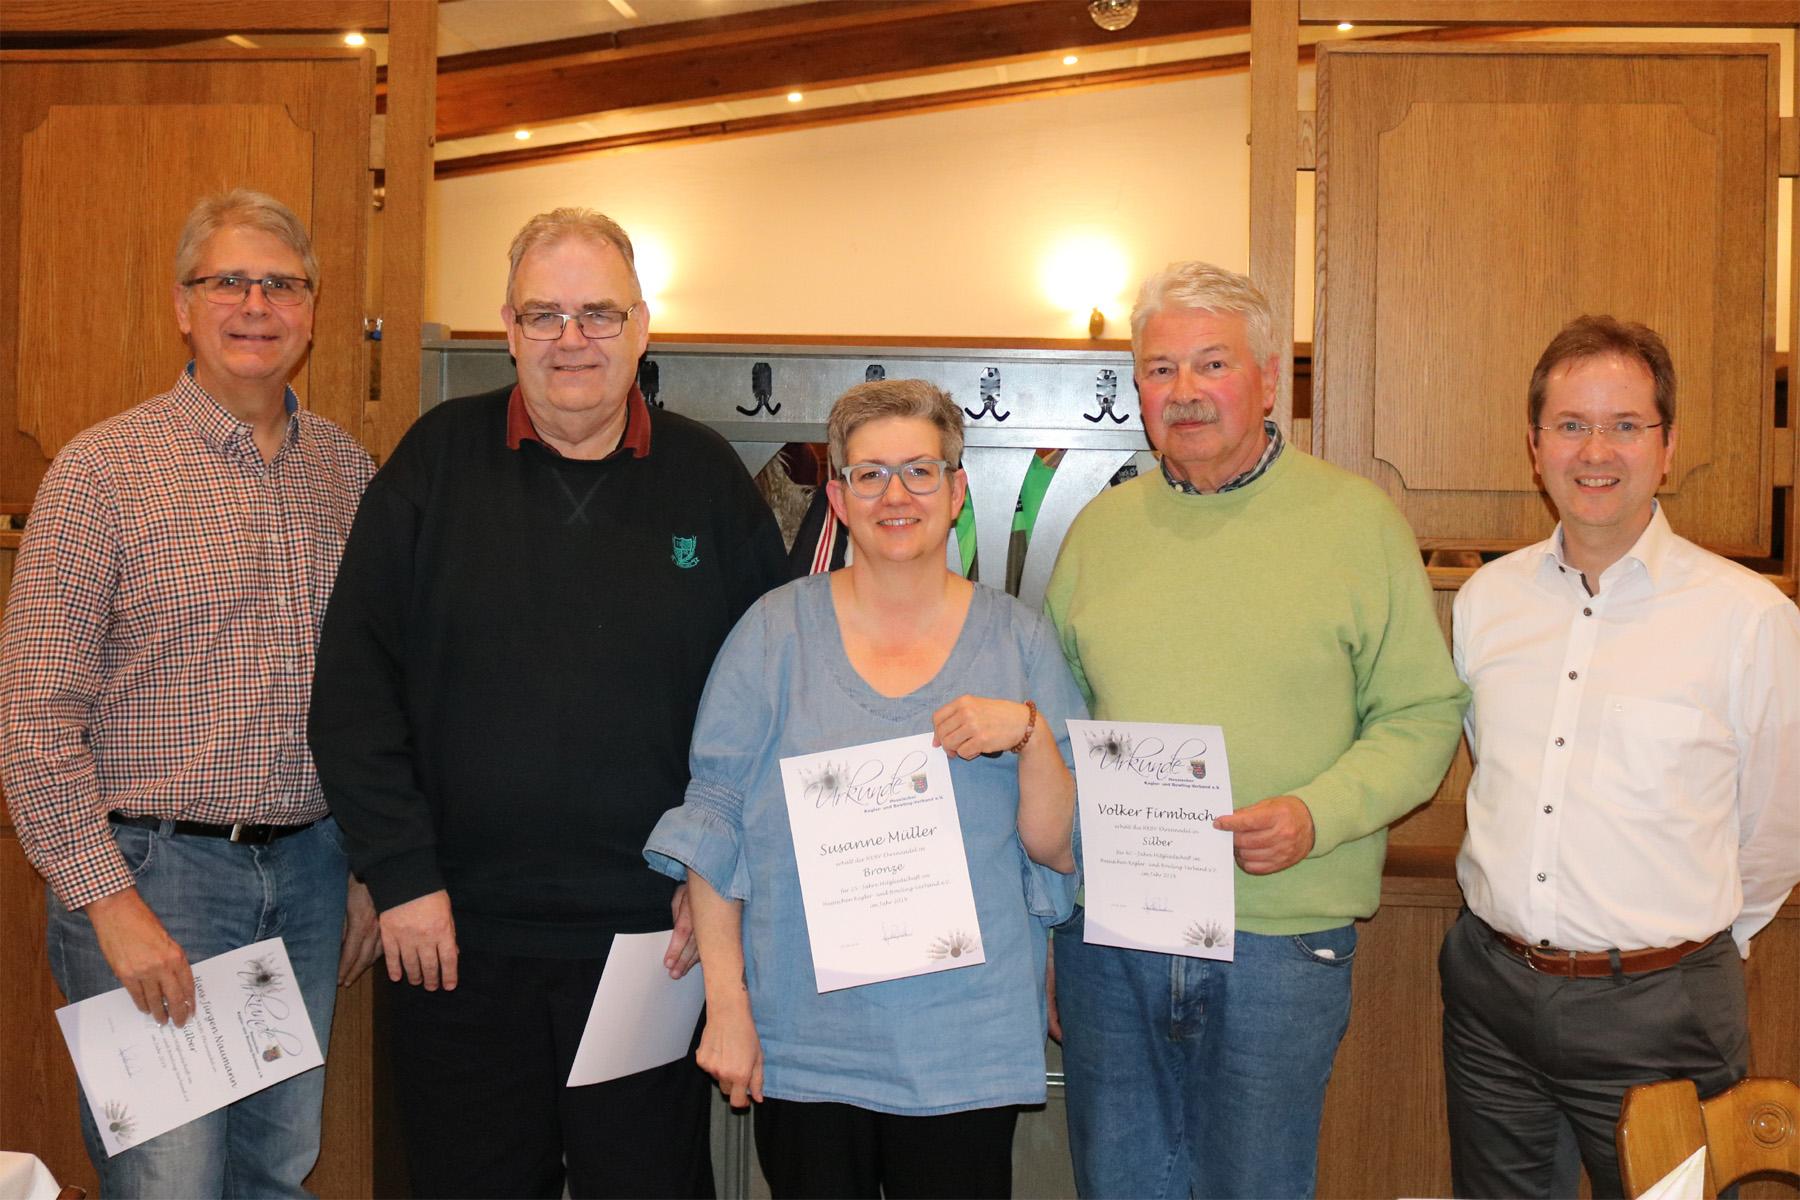 Hans-Jürgen, Klaus, Susi und Volker erhielten die Ehrennadeln des HKBV von Helge (v.l.)